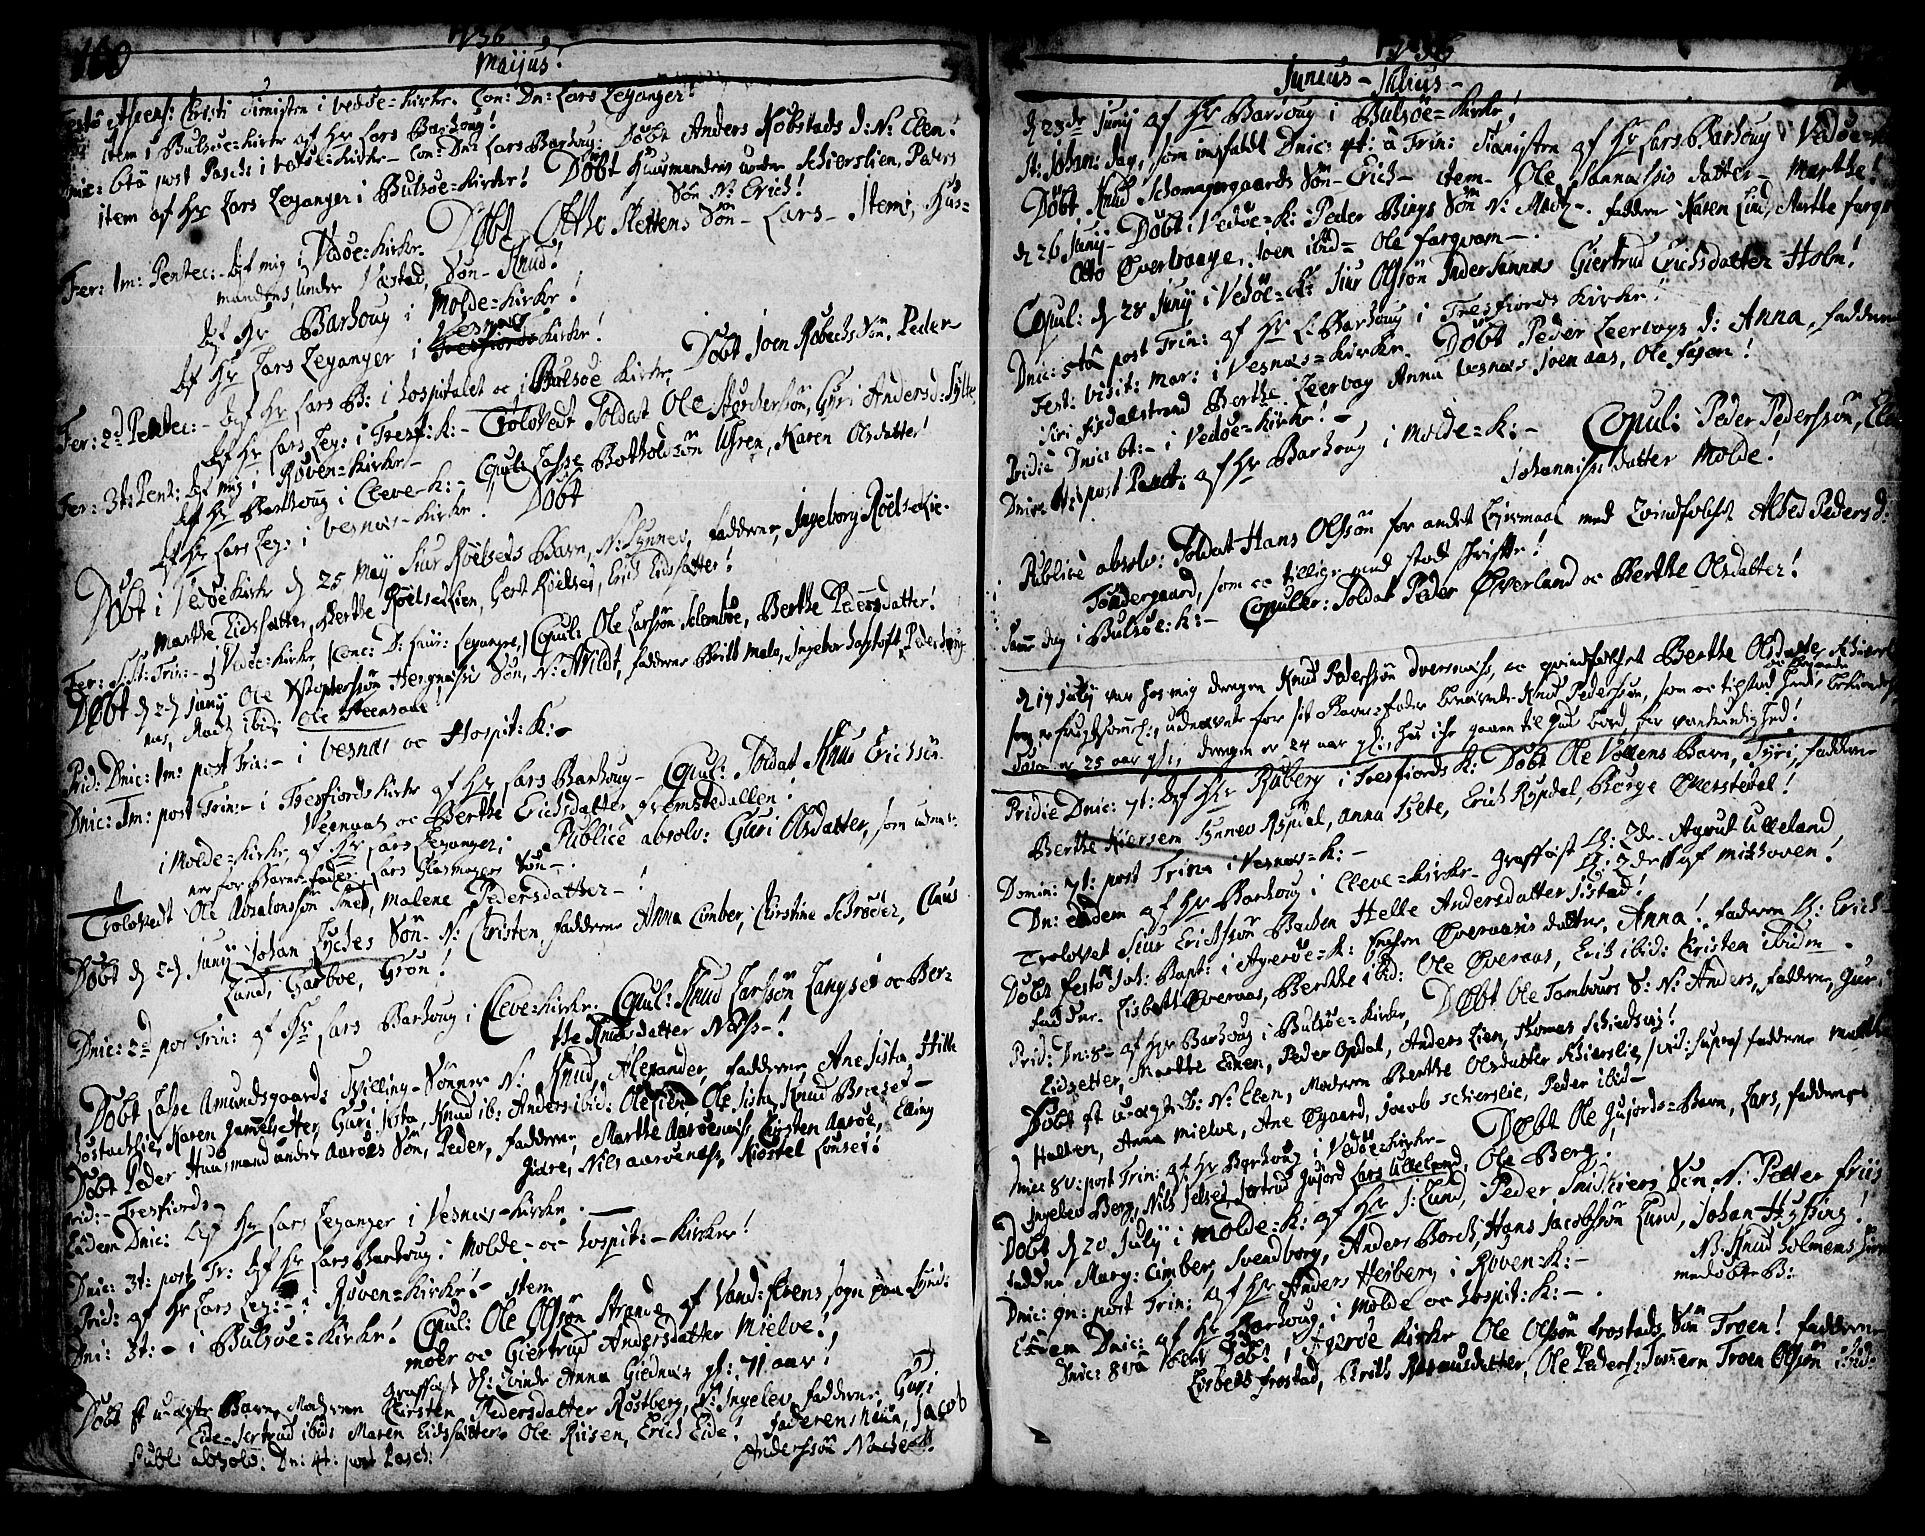 SAT, Ministerialprotokoller, klokkerbøker og fødselsregistre - Møre og Romsdal, 547/L0599: Ministerialbok nr. 547A01, 1721-1764, s. 162-163